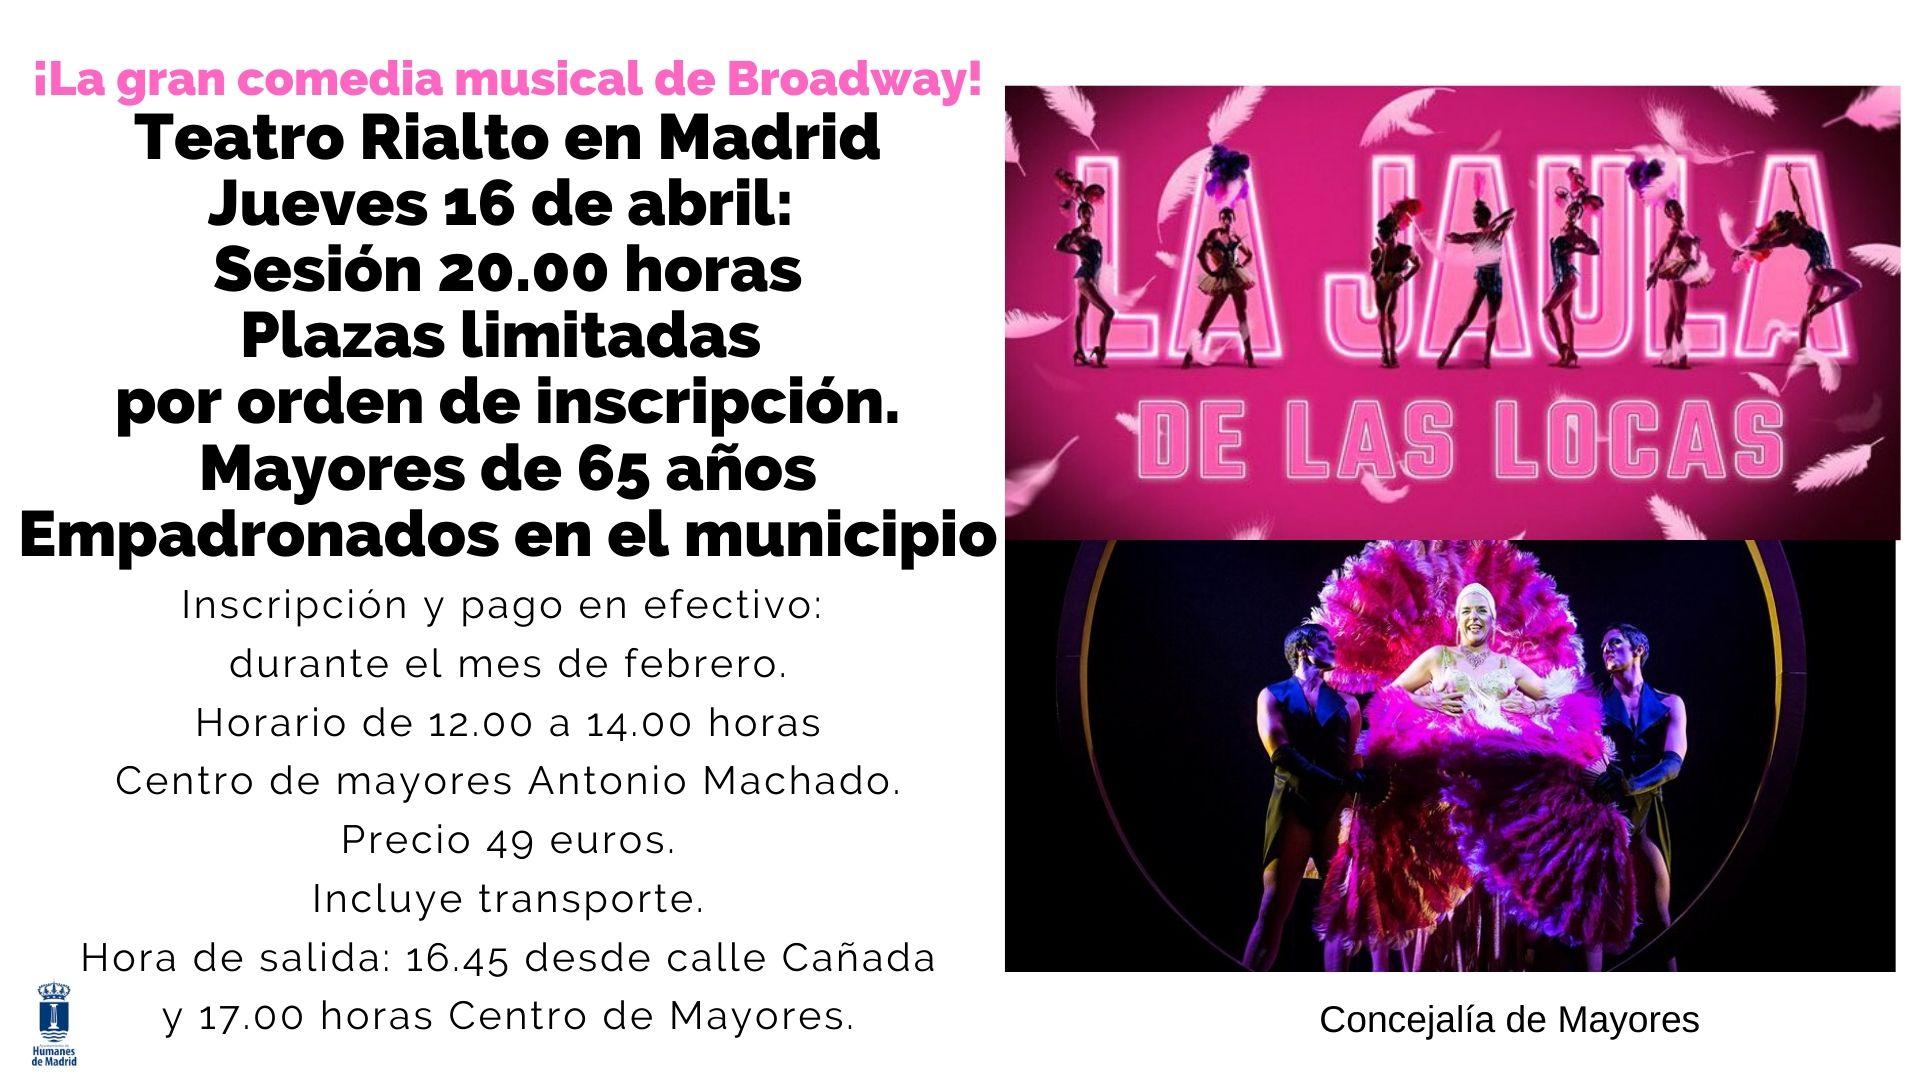 La Concejalía de Mayores organiza una salida al teatro Rialto de Madrid, para ver la comedia musical «La Jaula de las Locas».